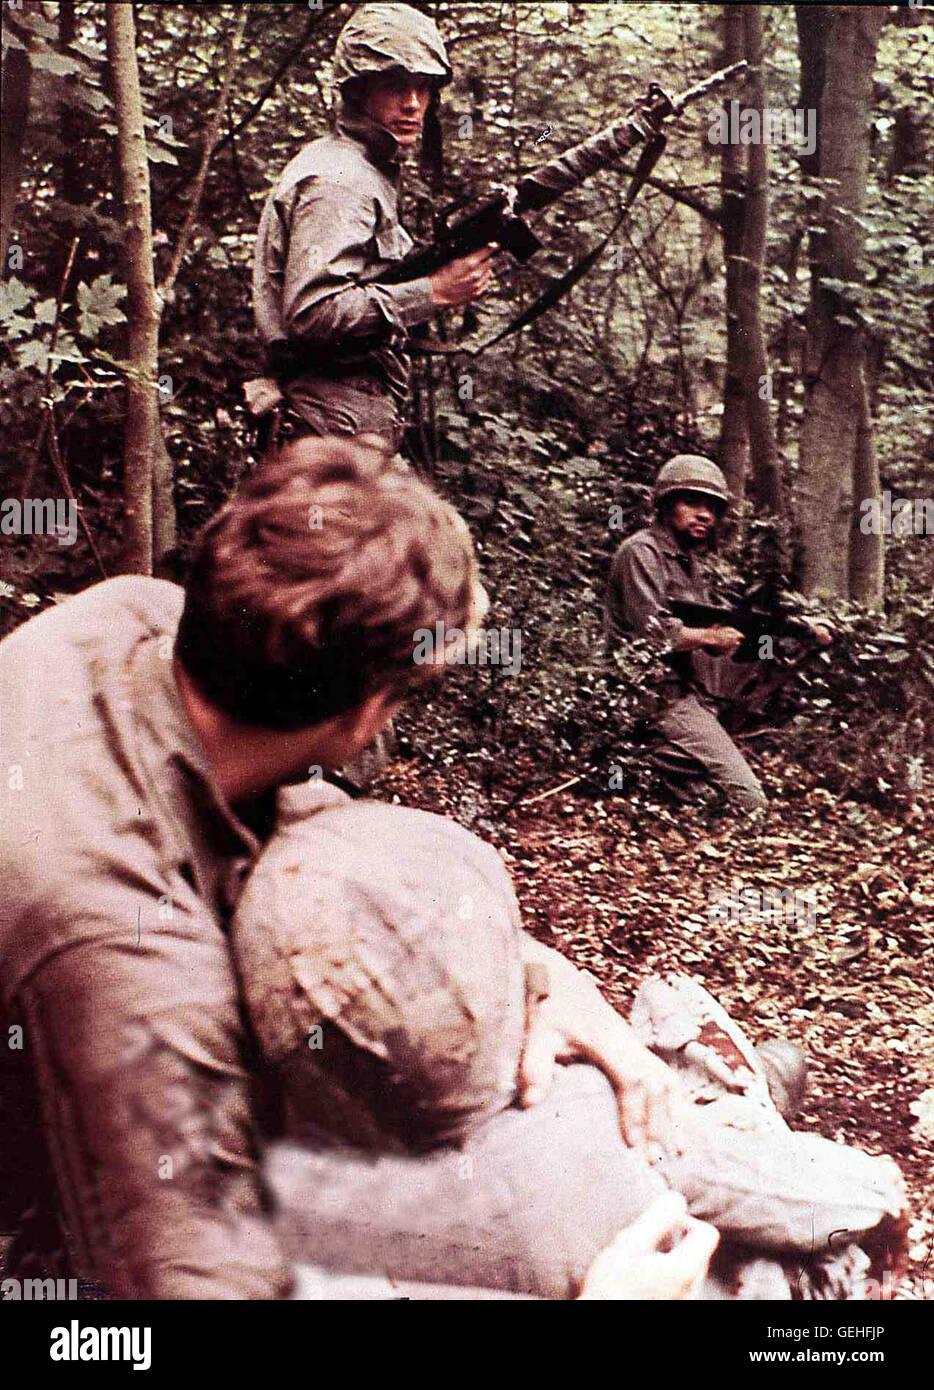 Szene Vietnam: Ein kleiner Trupp US-Infanteristen geraet auf der Jagd nach Vietkongs in einen aussichtslosen und - Stock Image